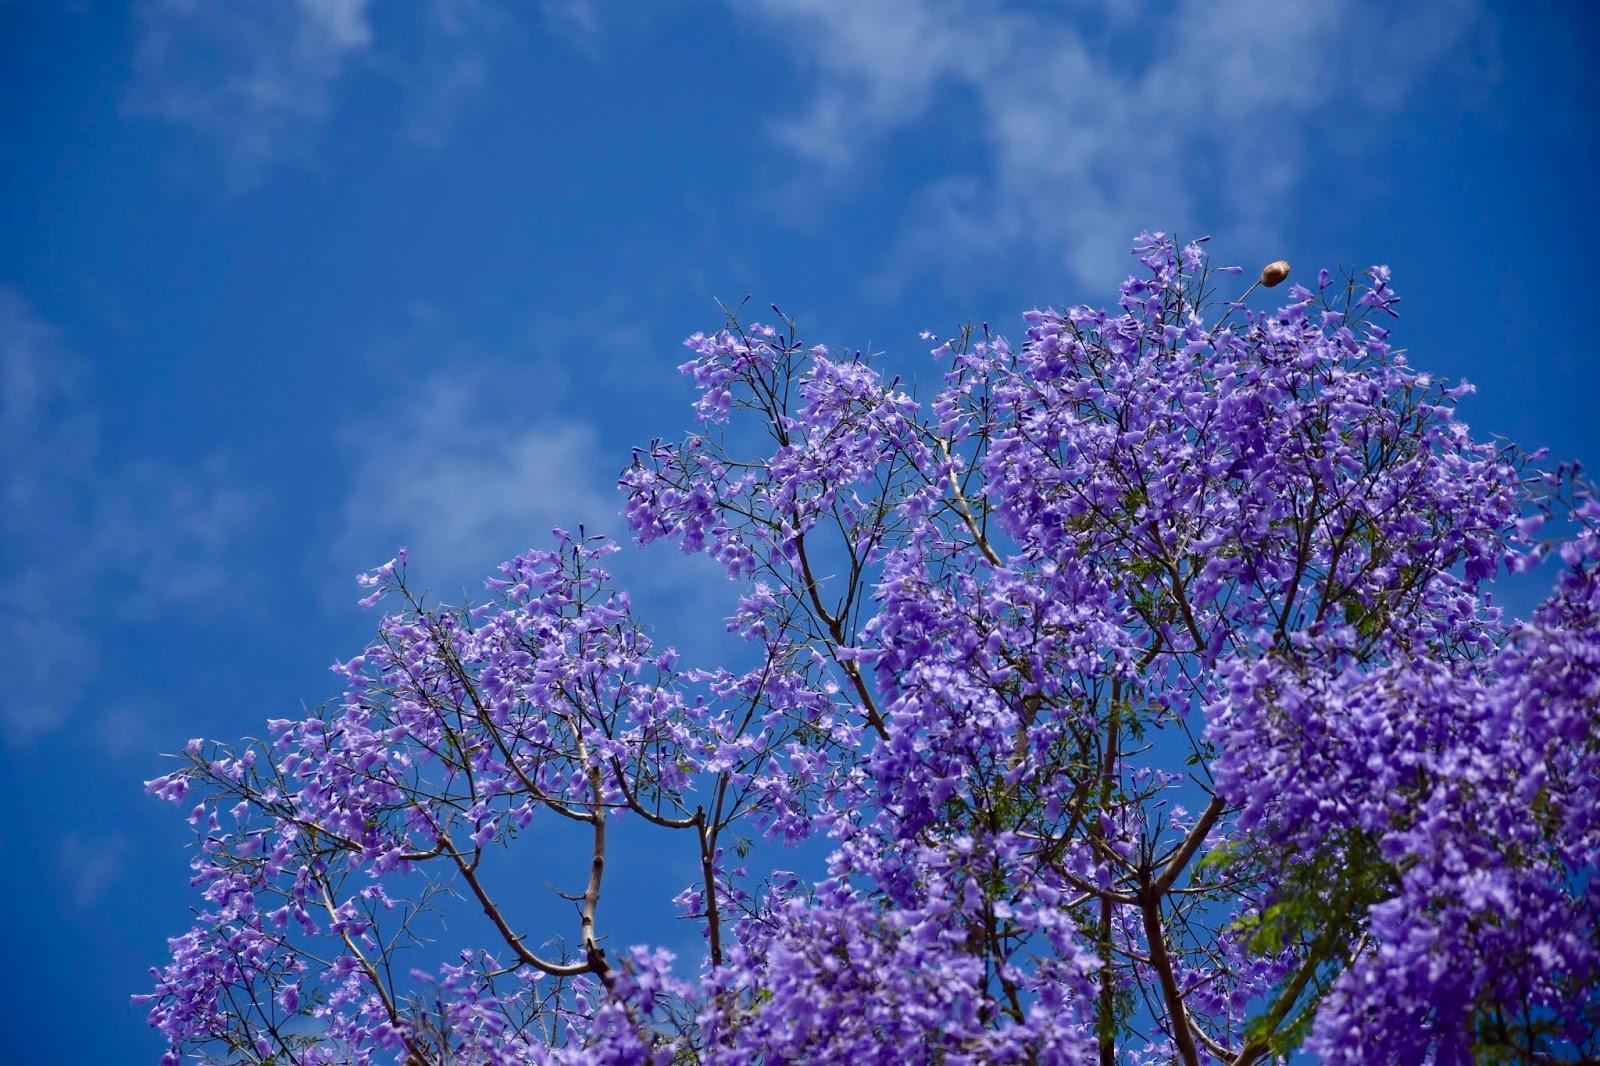 Tam, gdzie kwitną jakarandy...